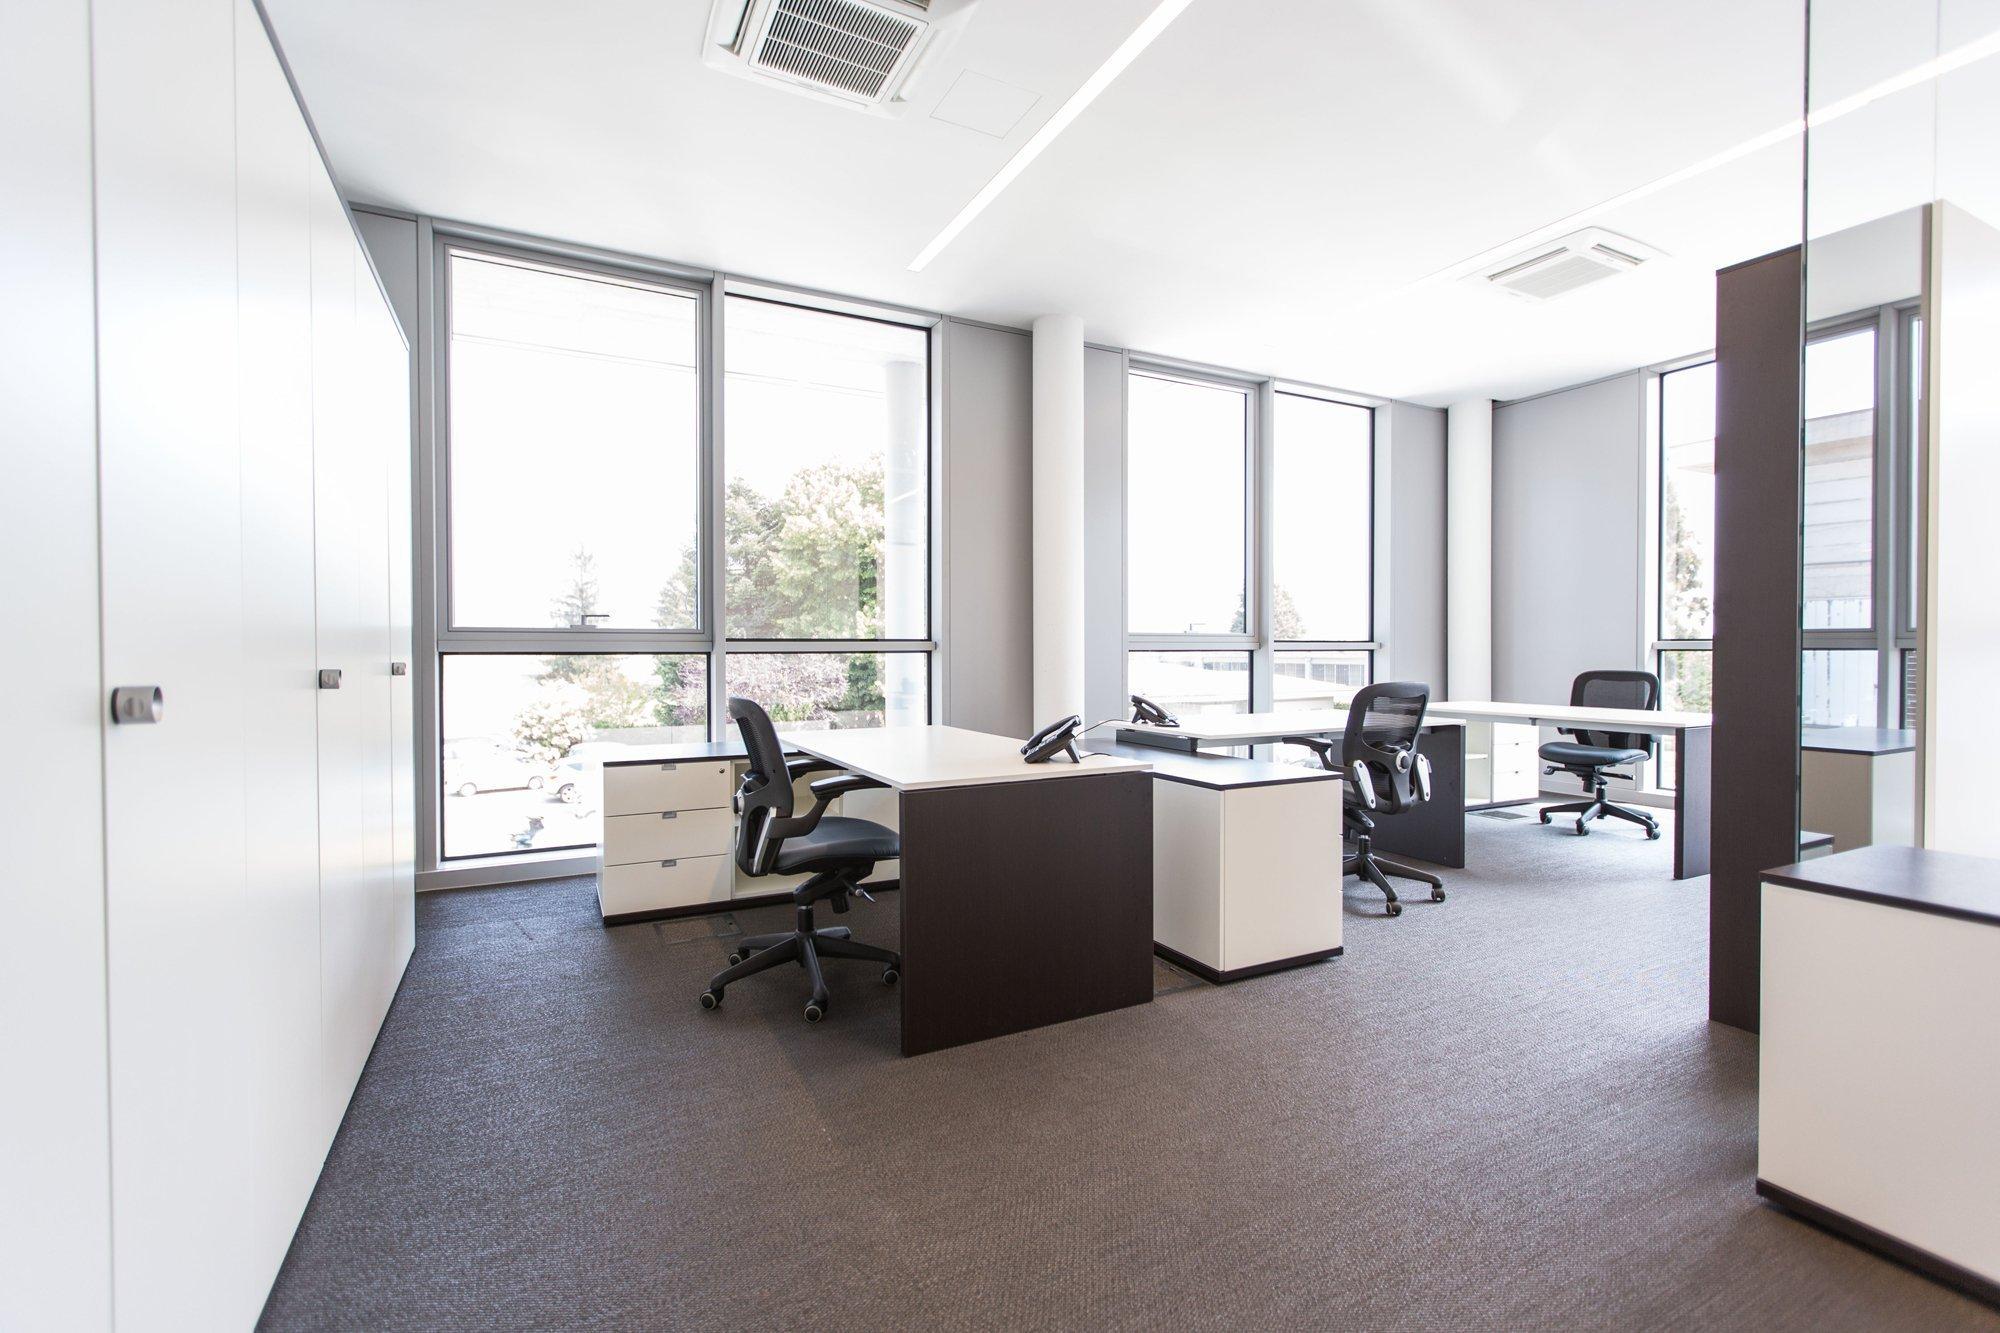 Mobili per ufficio Operativo Pratiko - Arredamento per ufficio